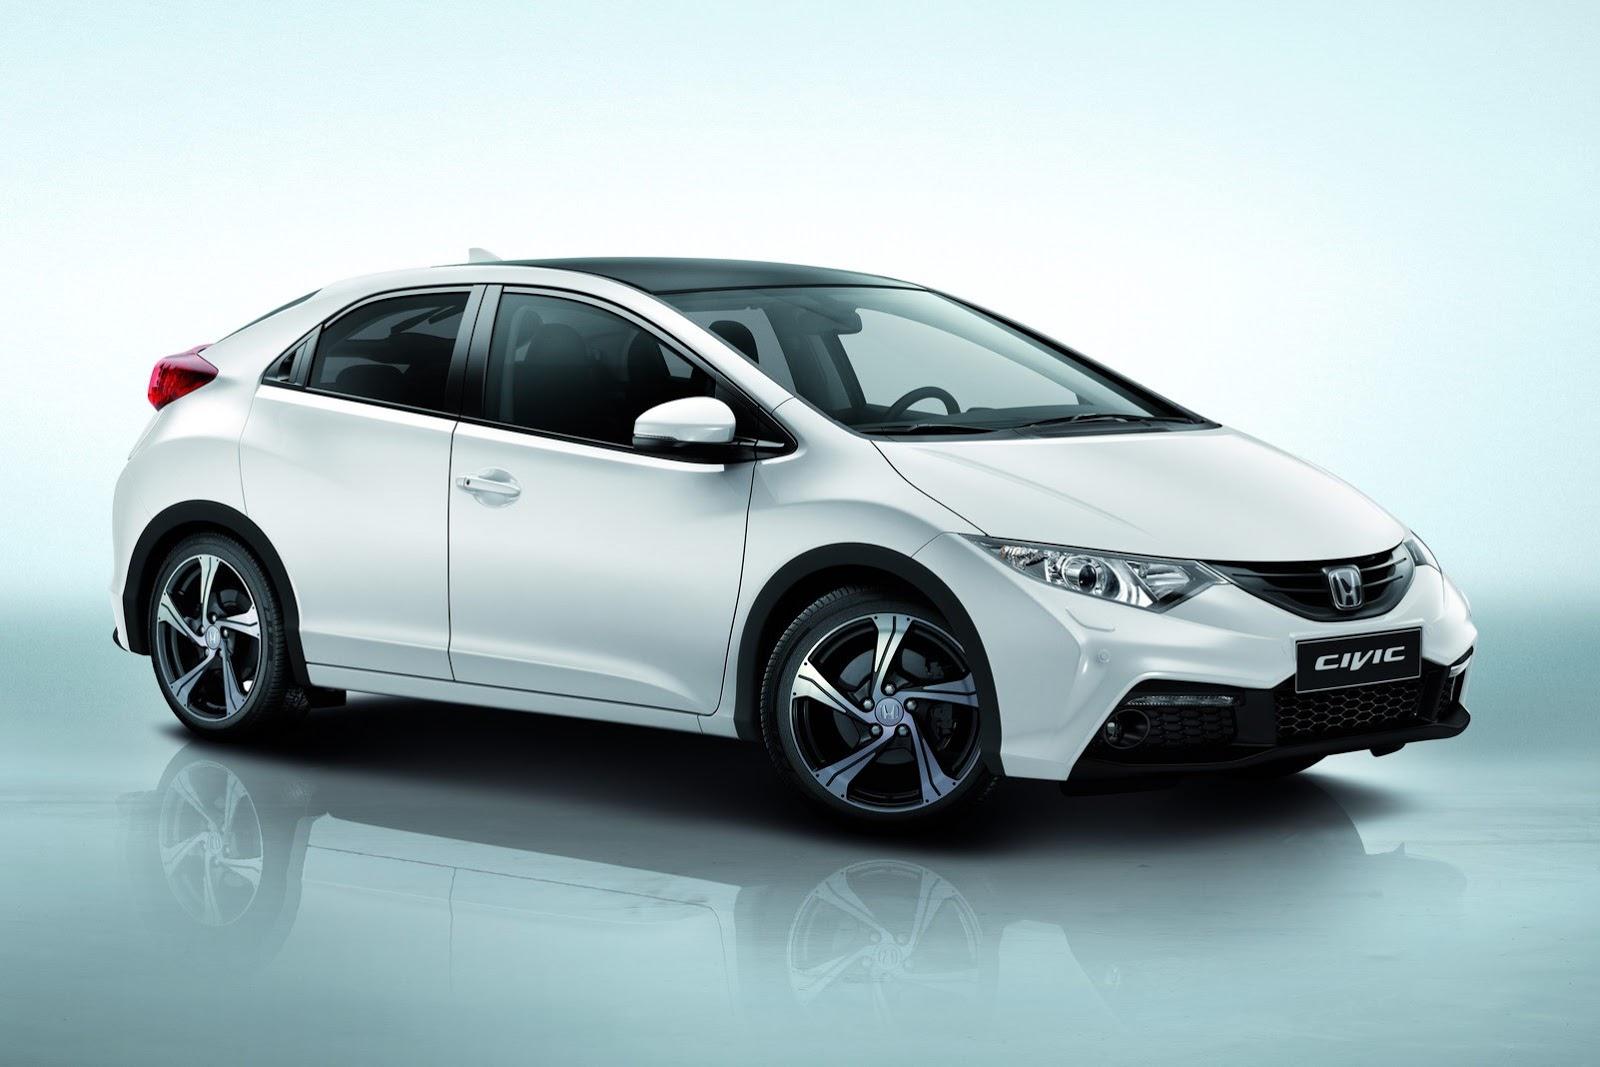 Honda có nhiều dòng xe phục vụ nhu cầu mua xe ô tô giá rẻ ngày càng cao